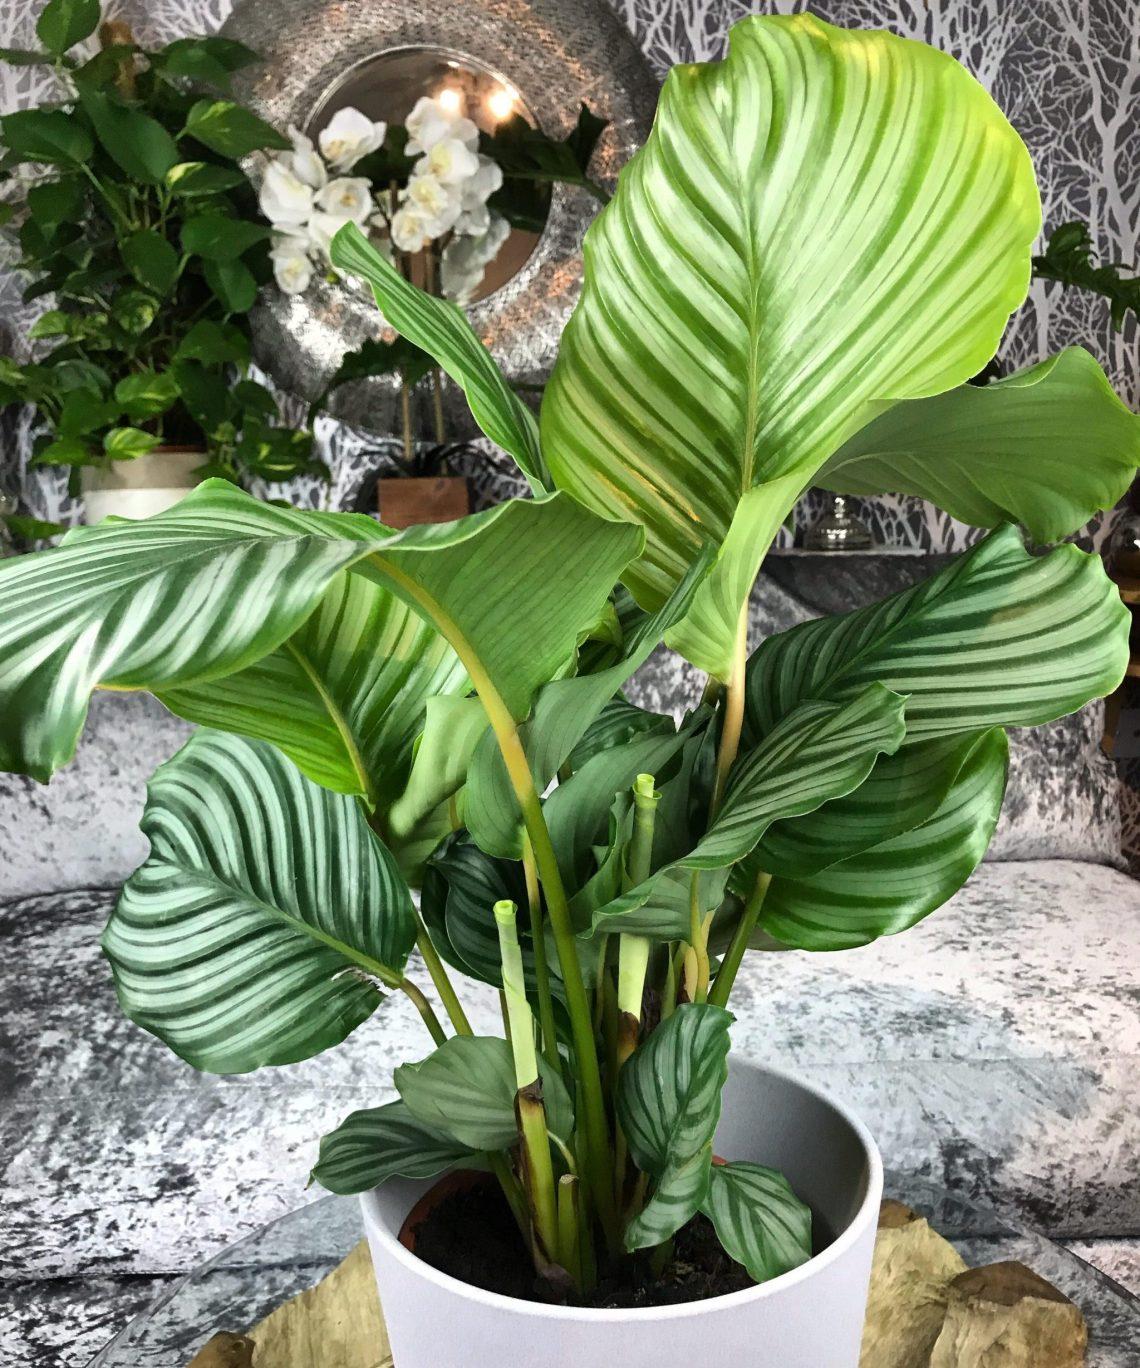 Caring For Calathea Orbifolia